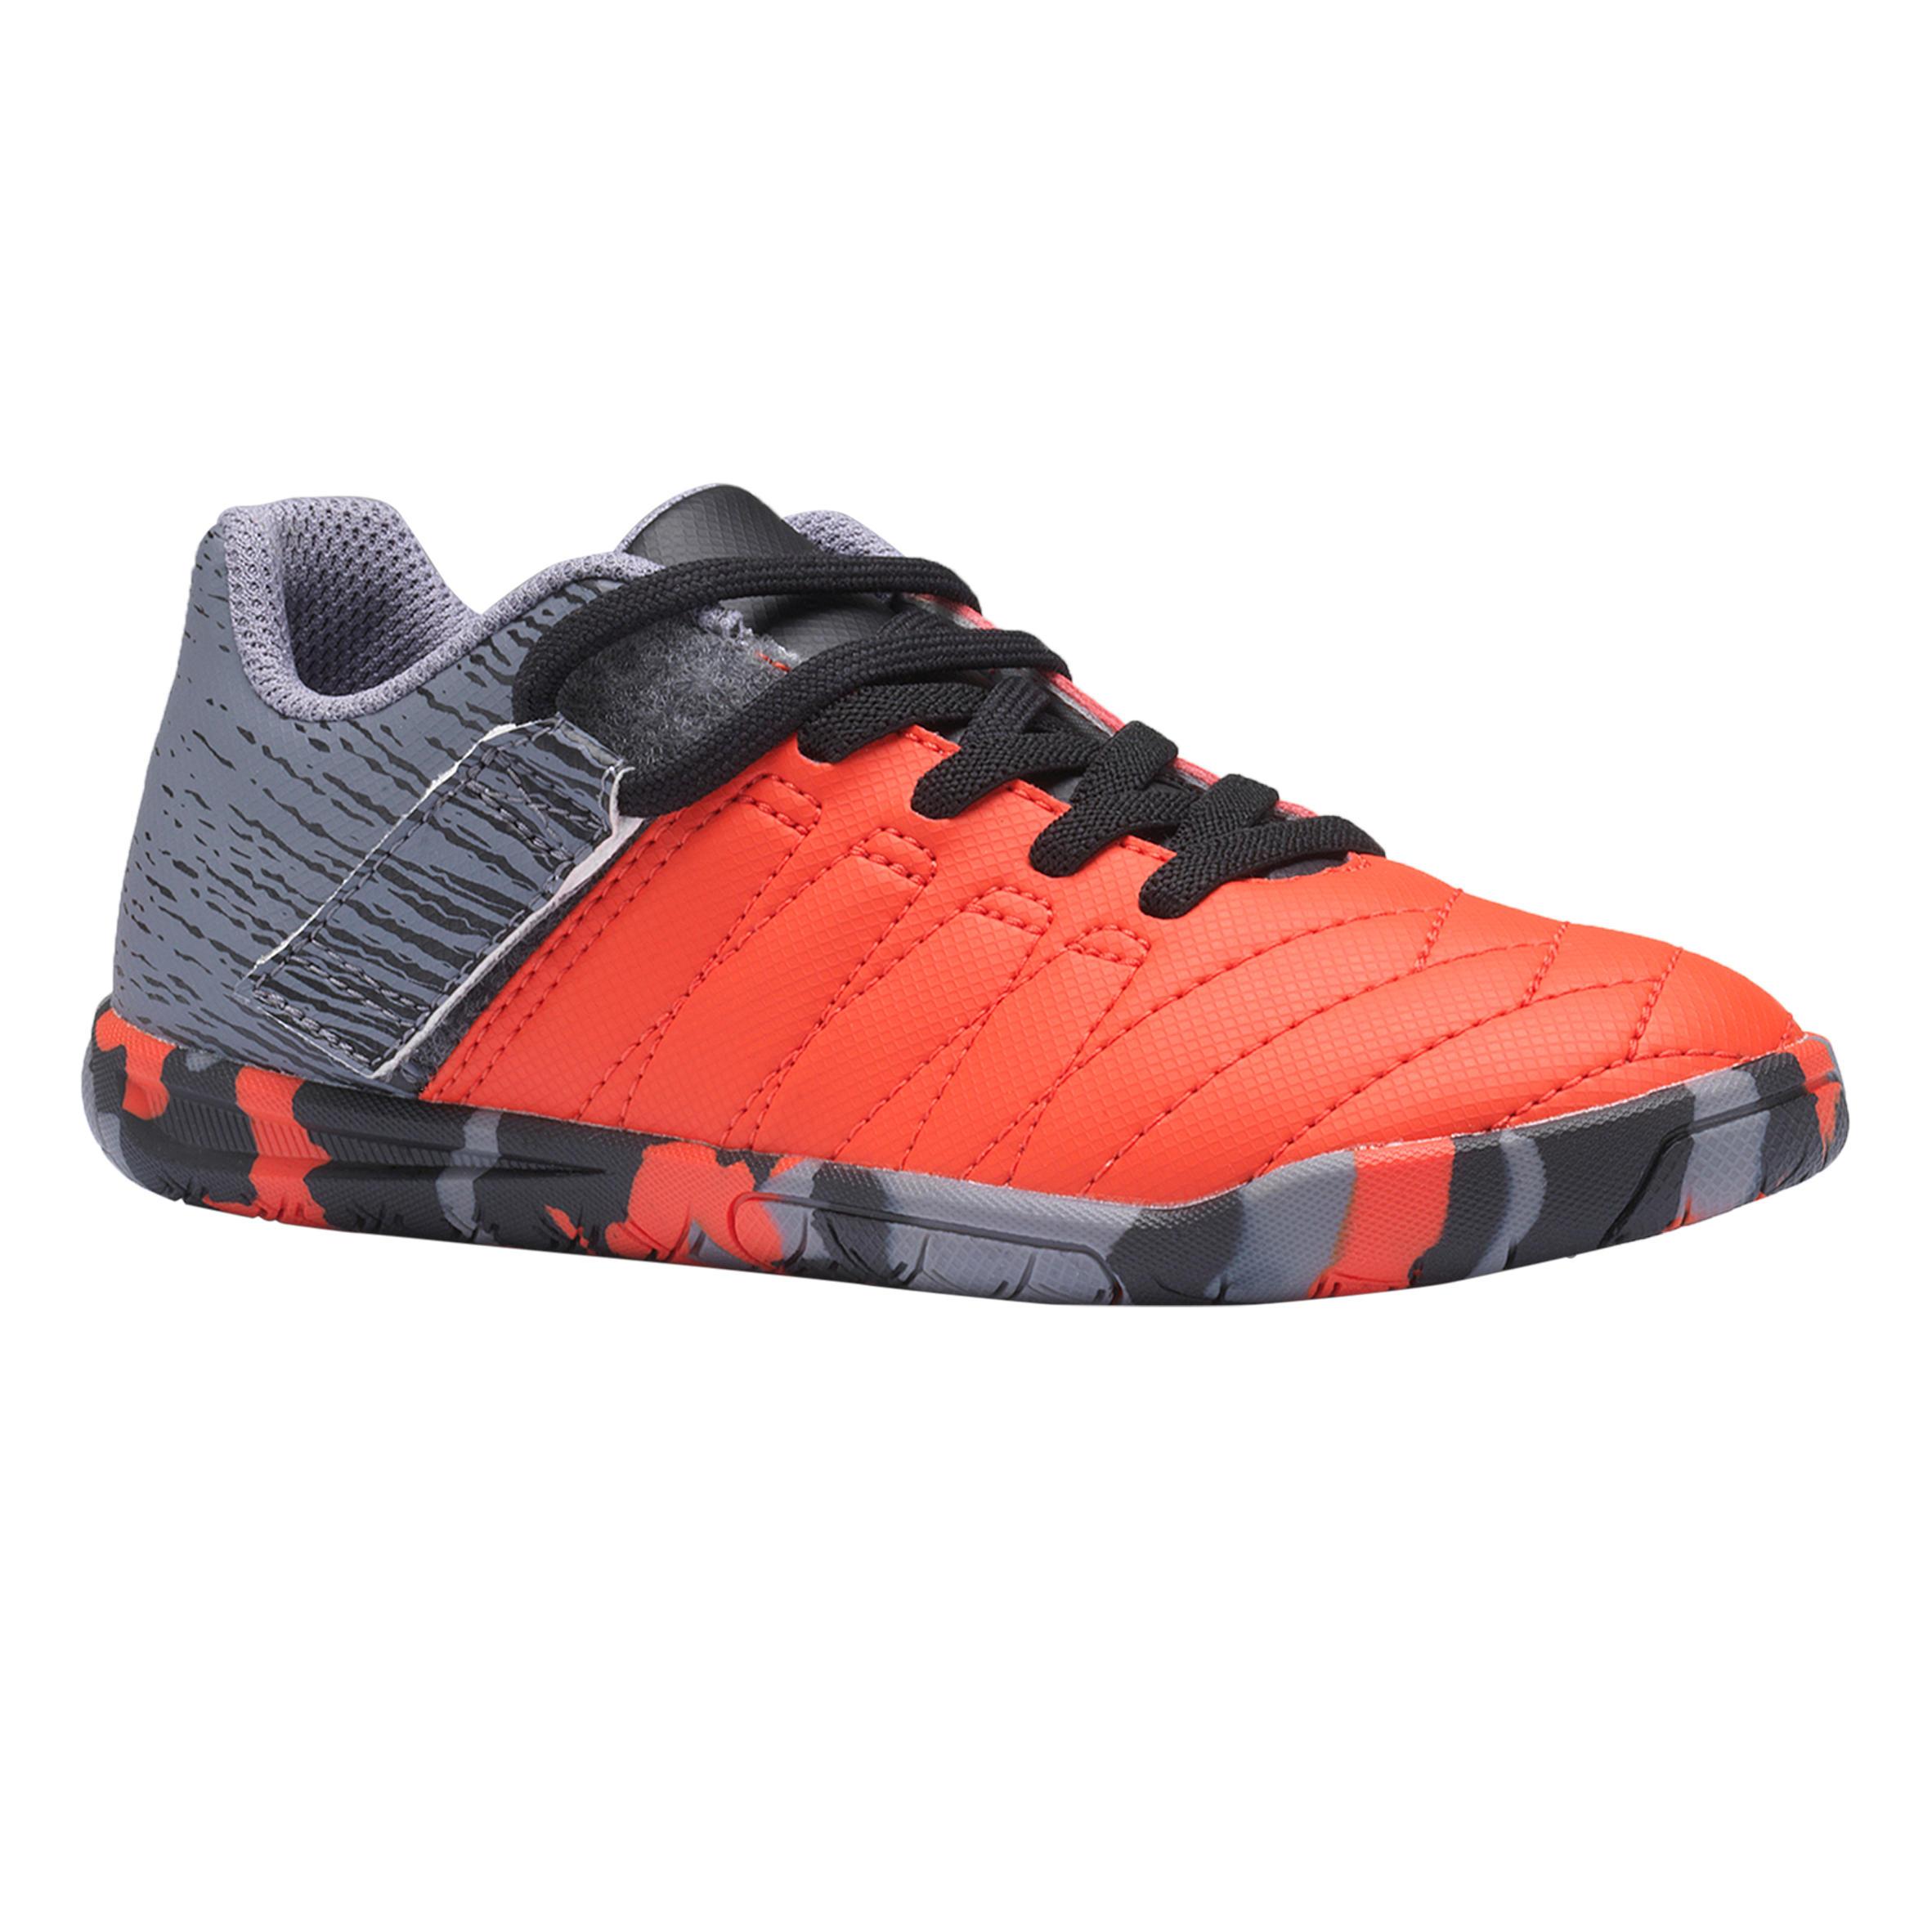 6814b93c41cd8 Comprar Zapatillas de Fútbol Sala online